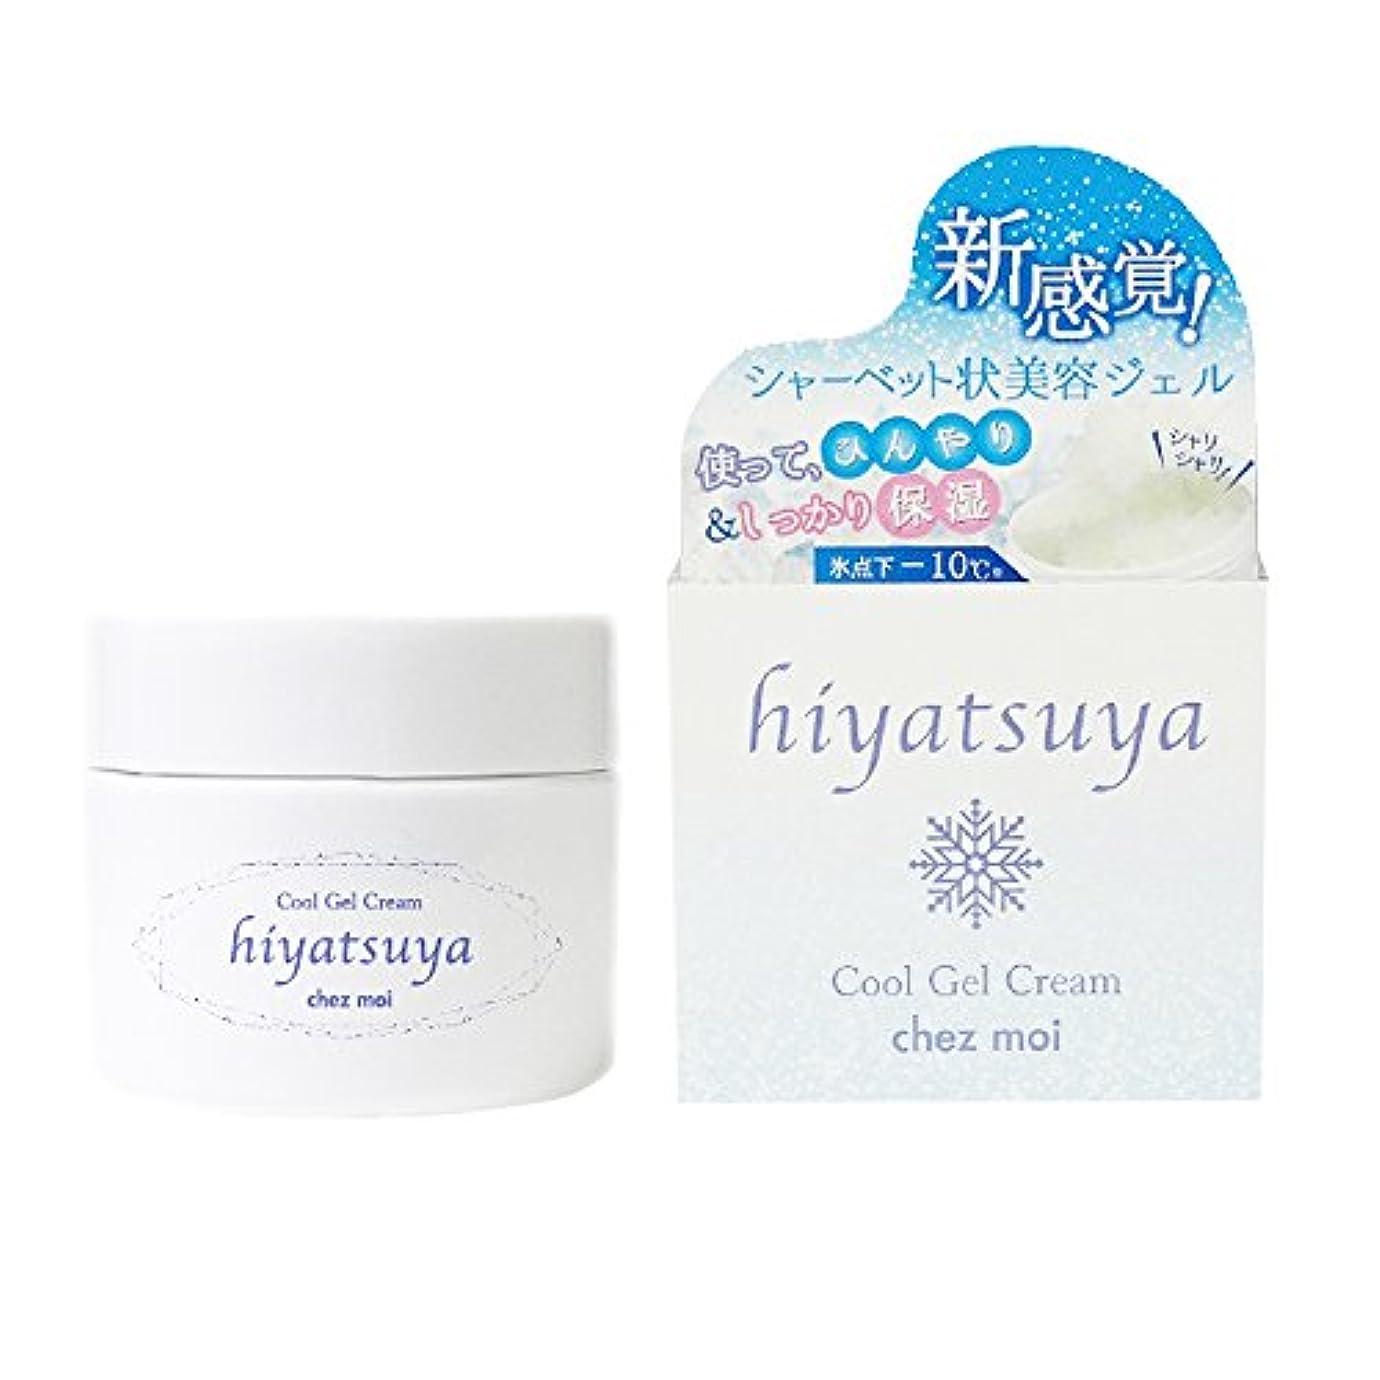 インドばか名誉シェモア hiyatsuya(ヒヤツヤ) cool gel cream 70g